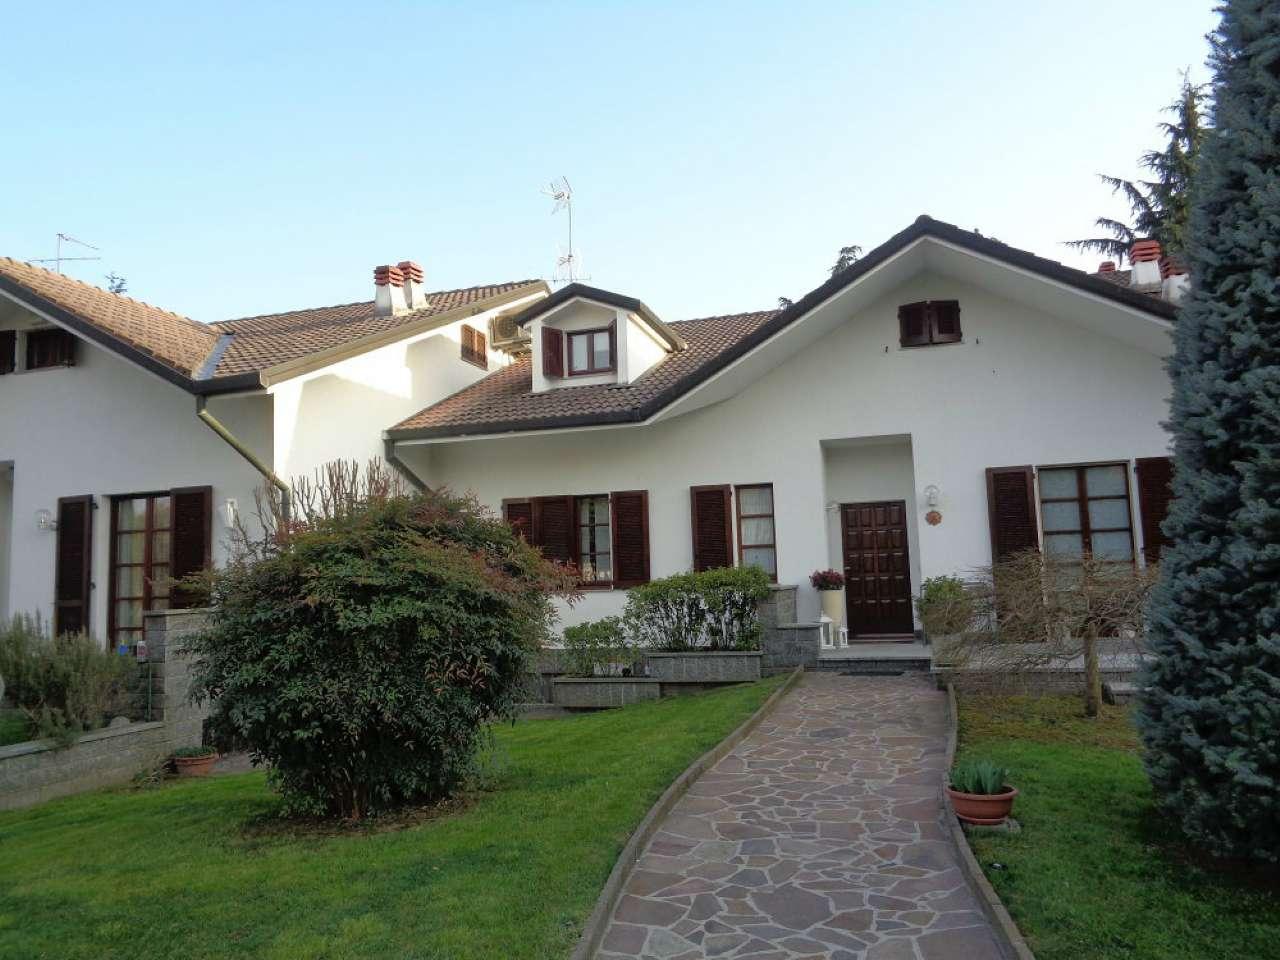 Villa in vendita a Cernusco sul Naviglio, 6 locali, prezzo € 1.180.000 | Cambio Casa.it